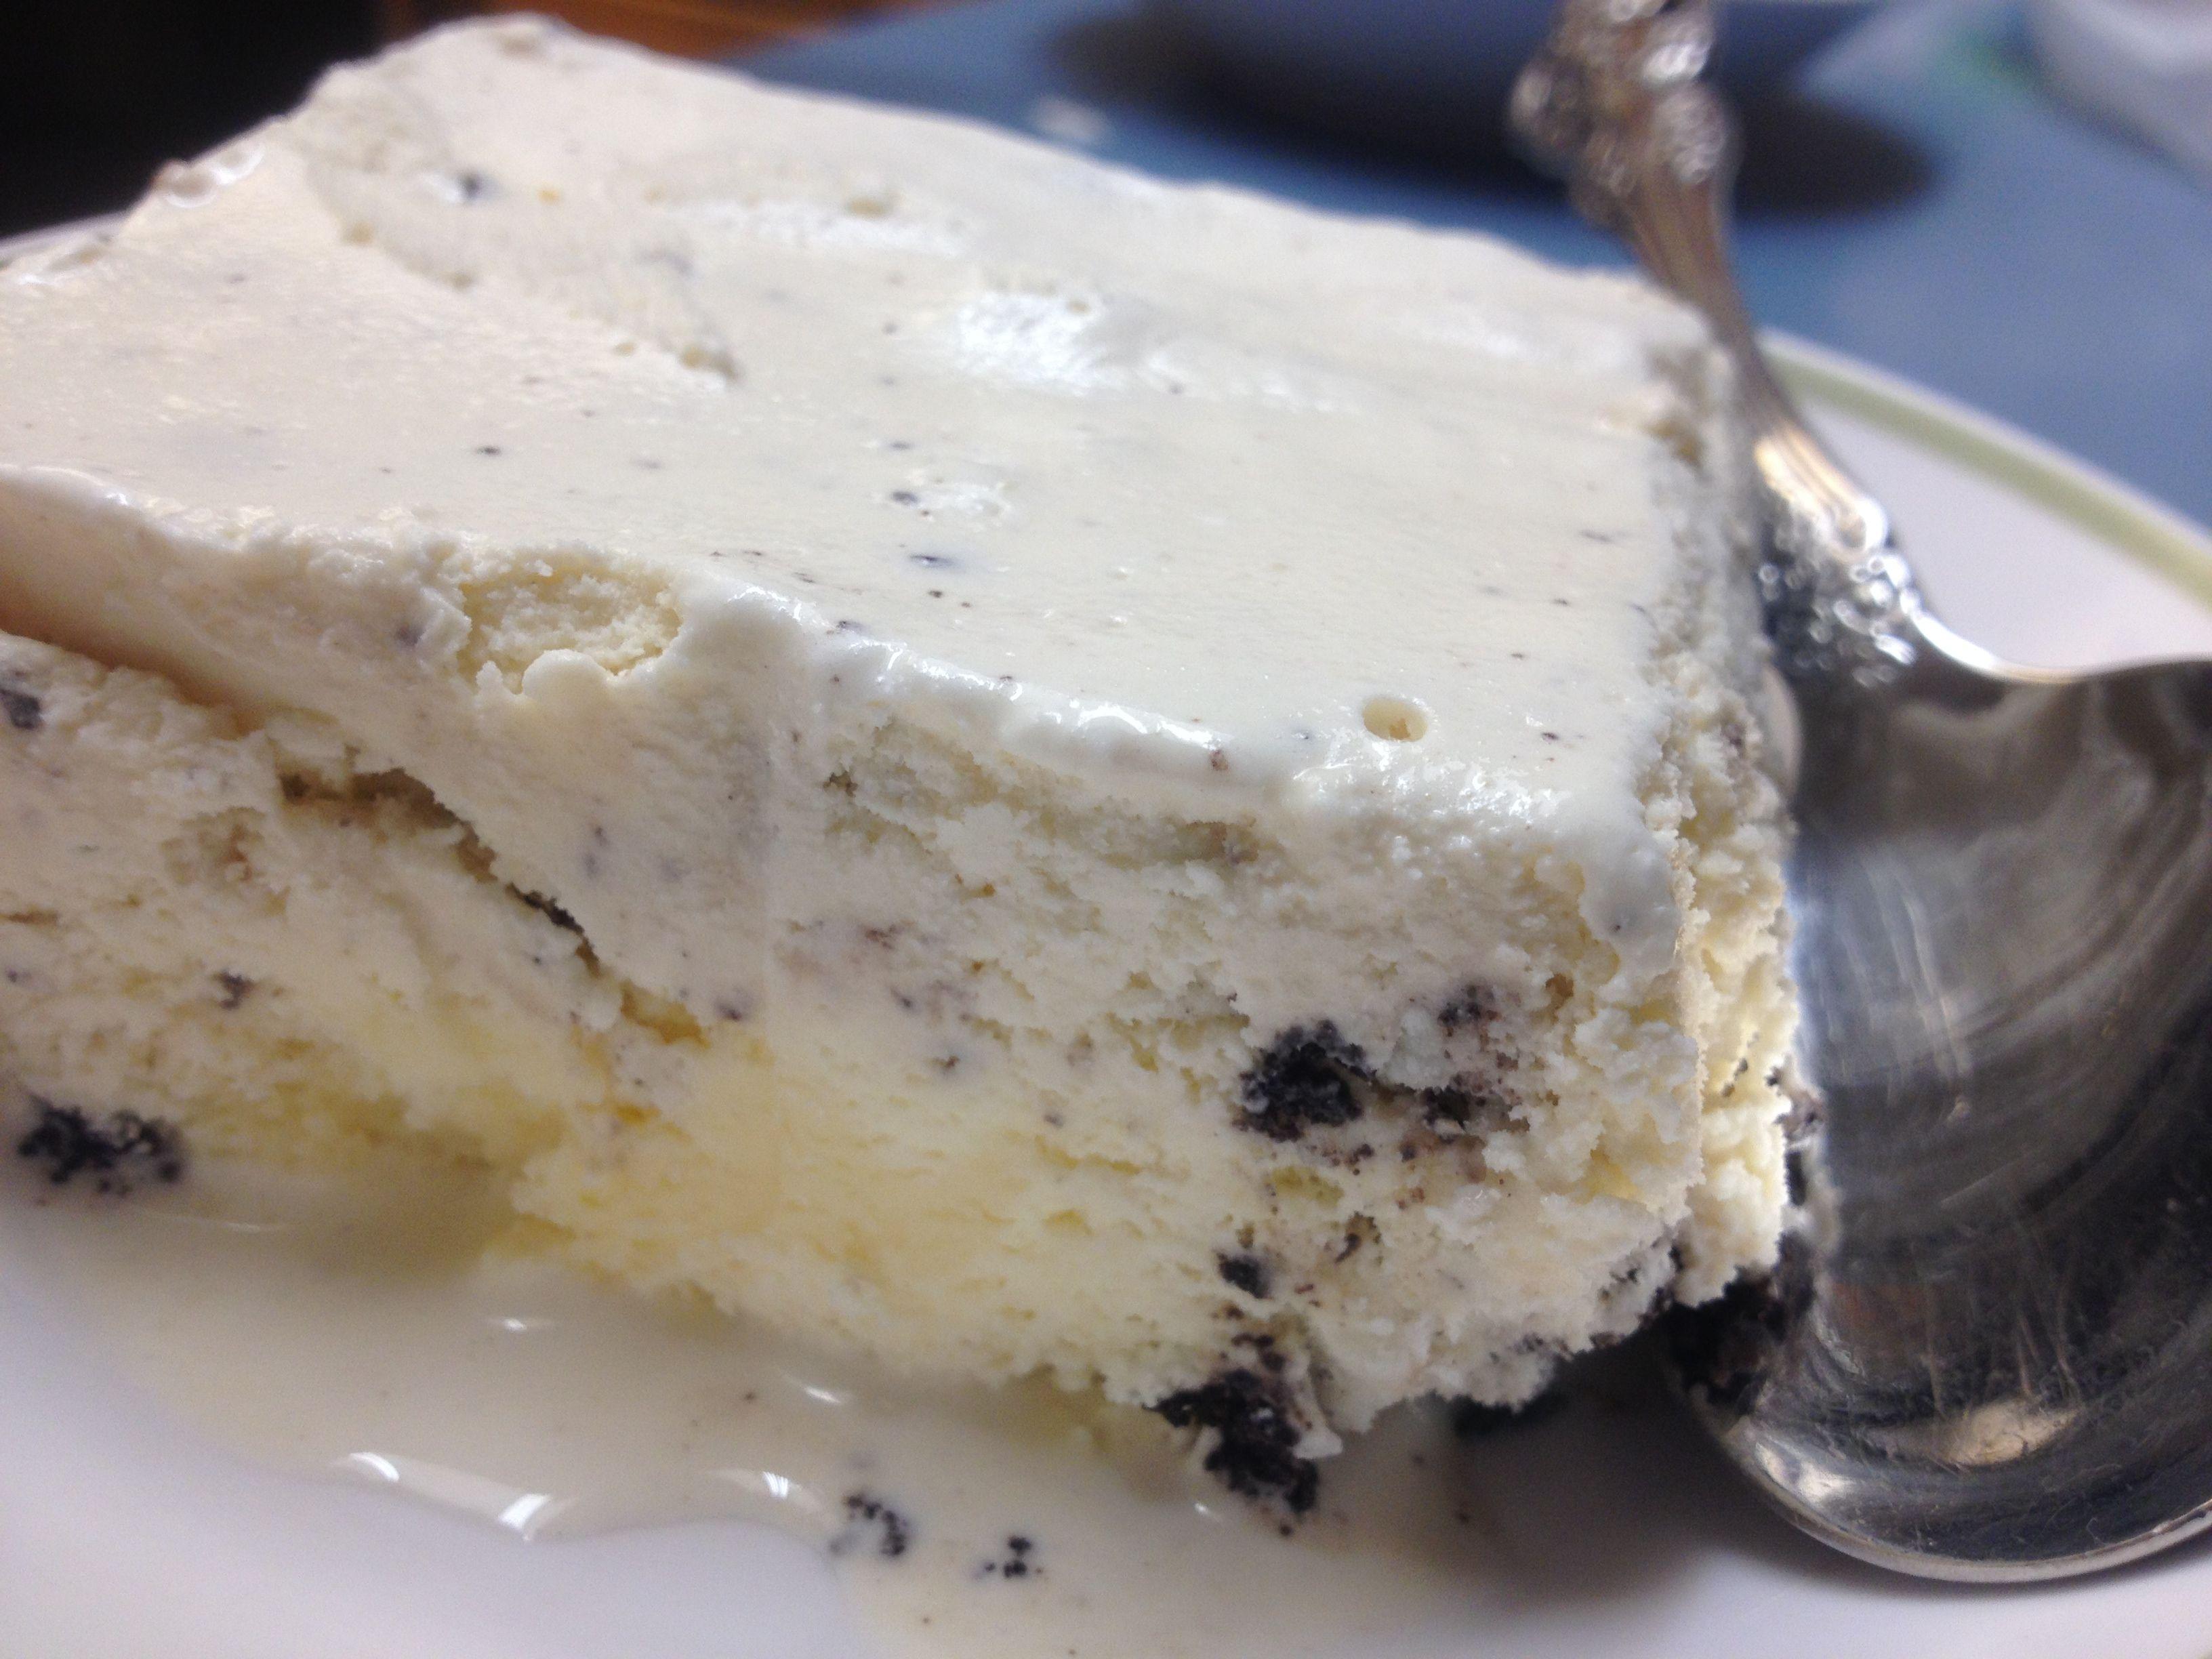 dairy queen blizzard cakes gluten free